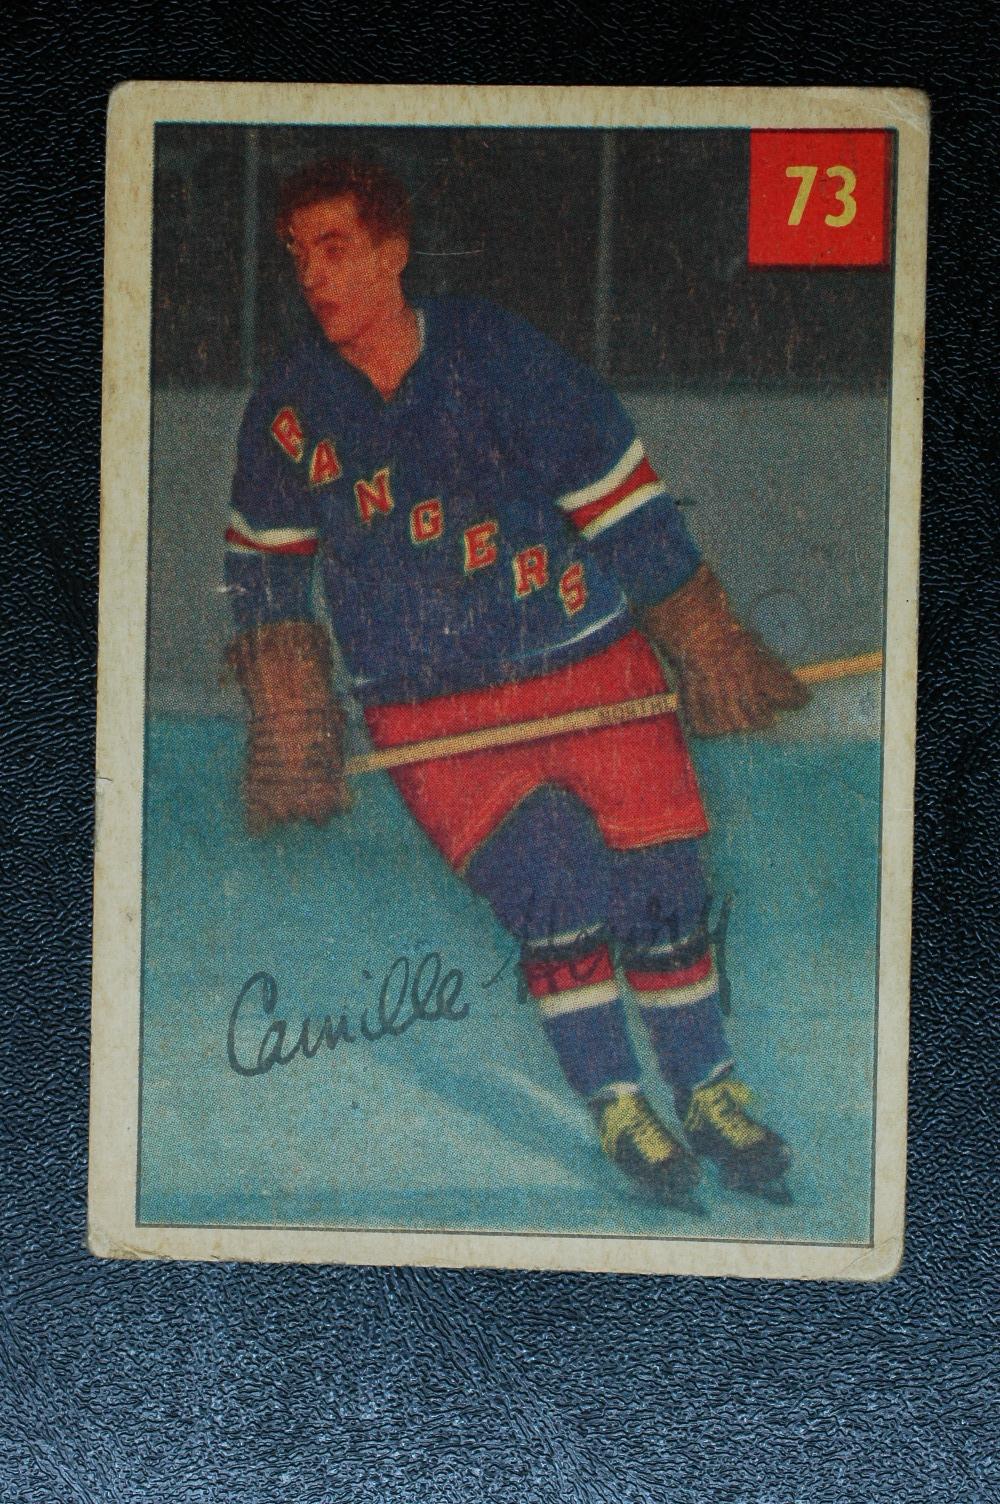 1954-55 Parkhurst #73 Camille Henry RC